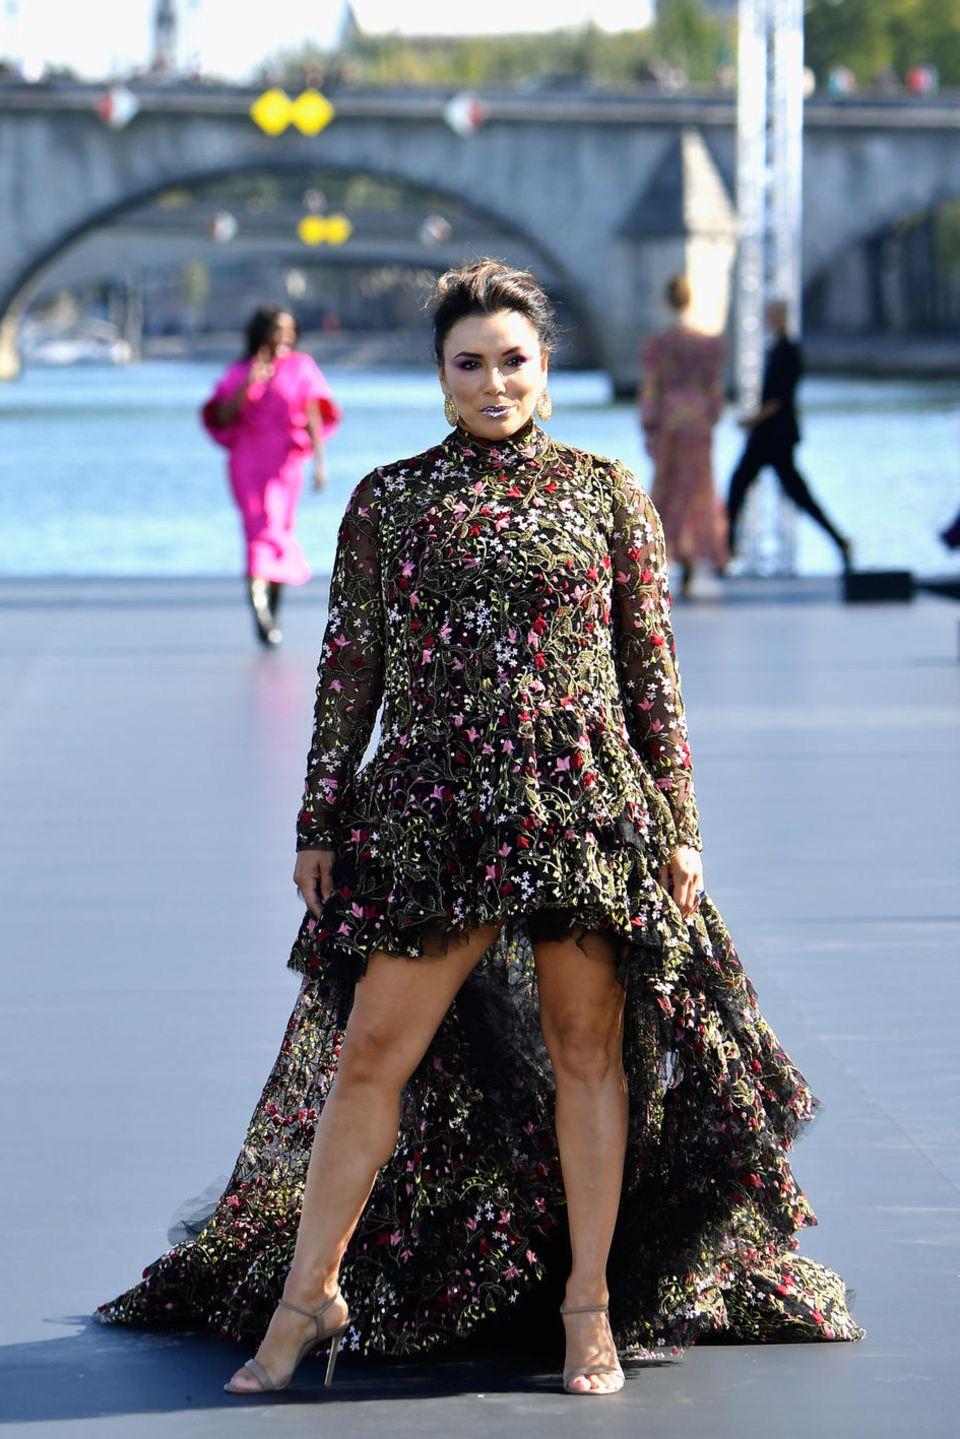 Eva Longoria bezaubert auf dem spektakulären Laufsteg von L'oréal Paris auf der Seine in einem floralen Look von Giambattista Valli, und dass nur 3 Monate nach der Geburt ihres kleinen Santiagos.